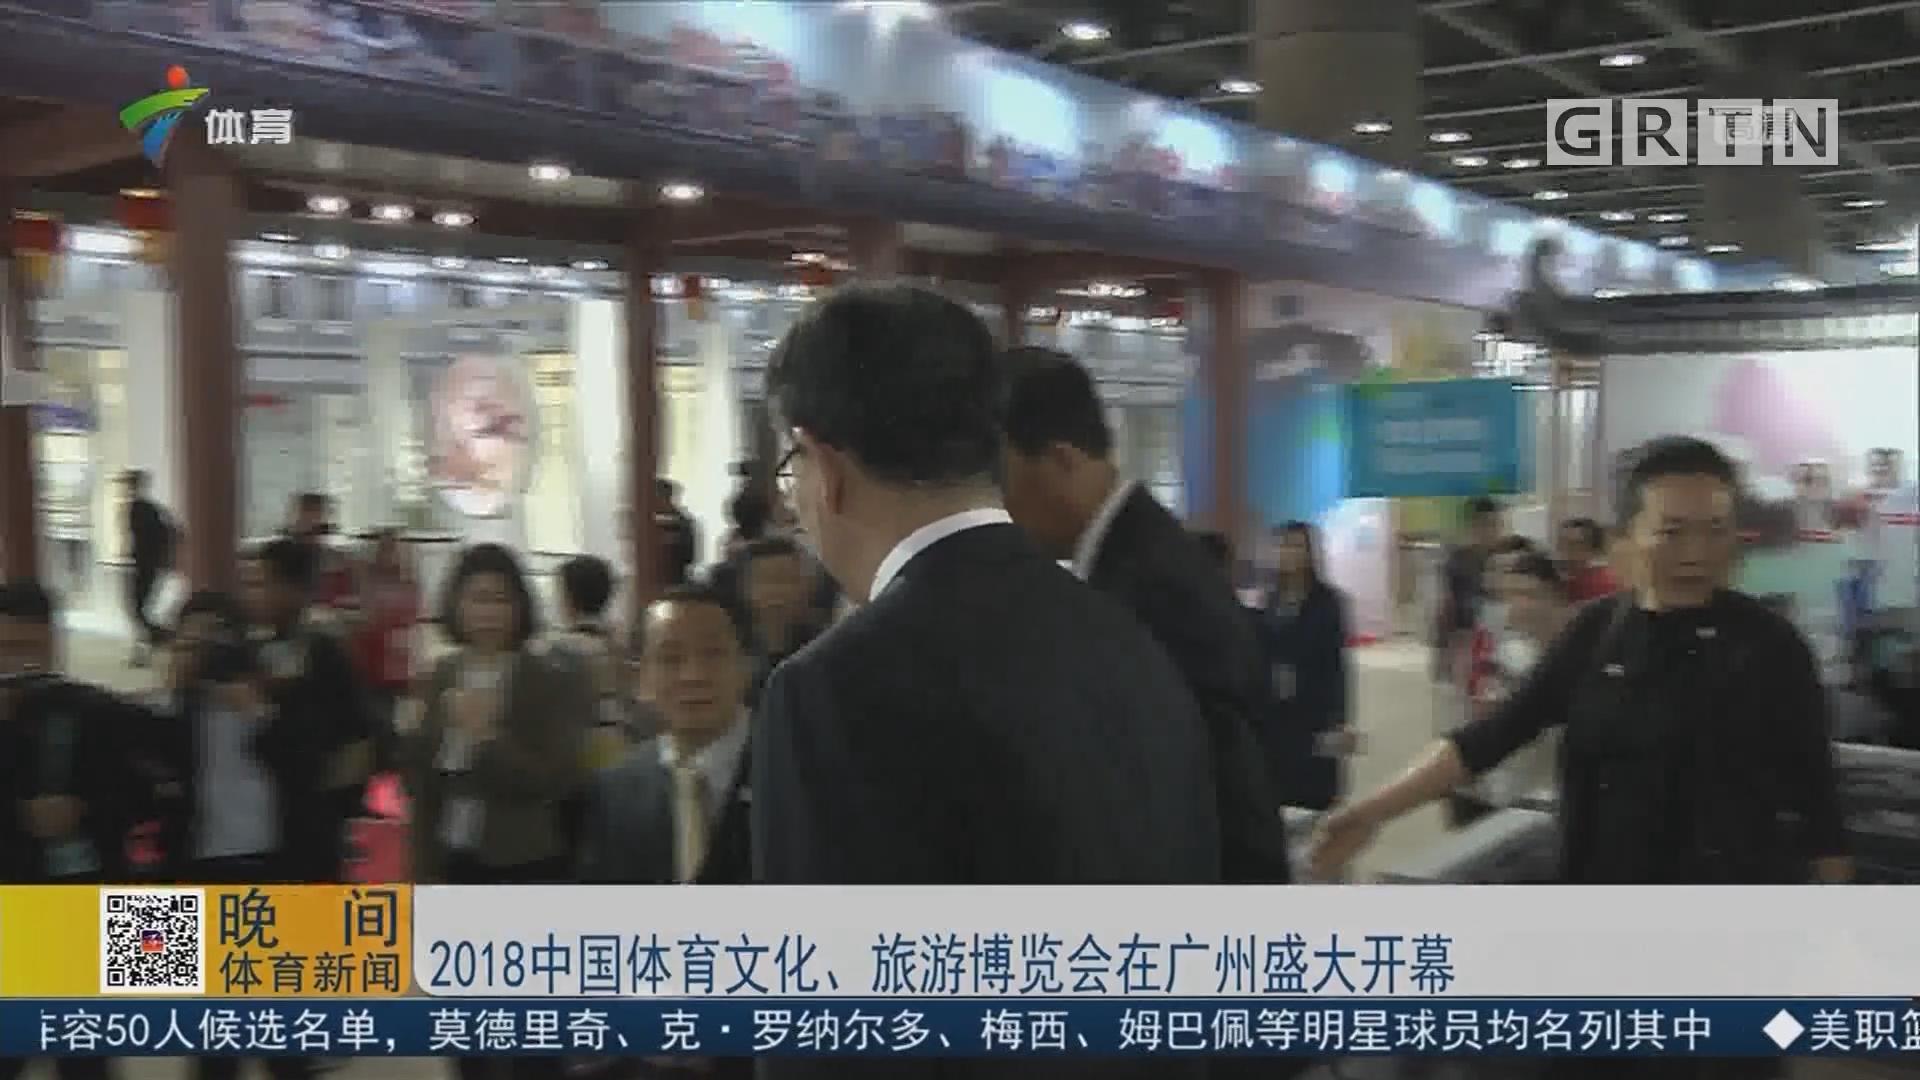 2018中国体育文化、旅游博览会在广州盛大开幕